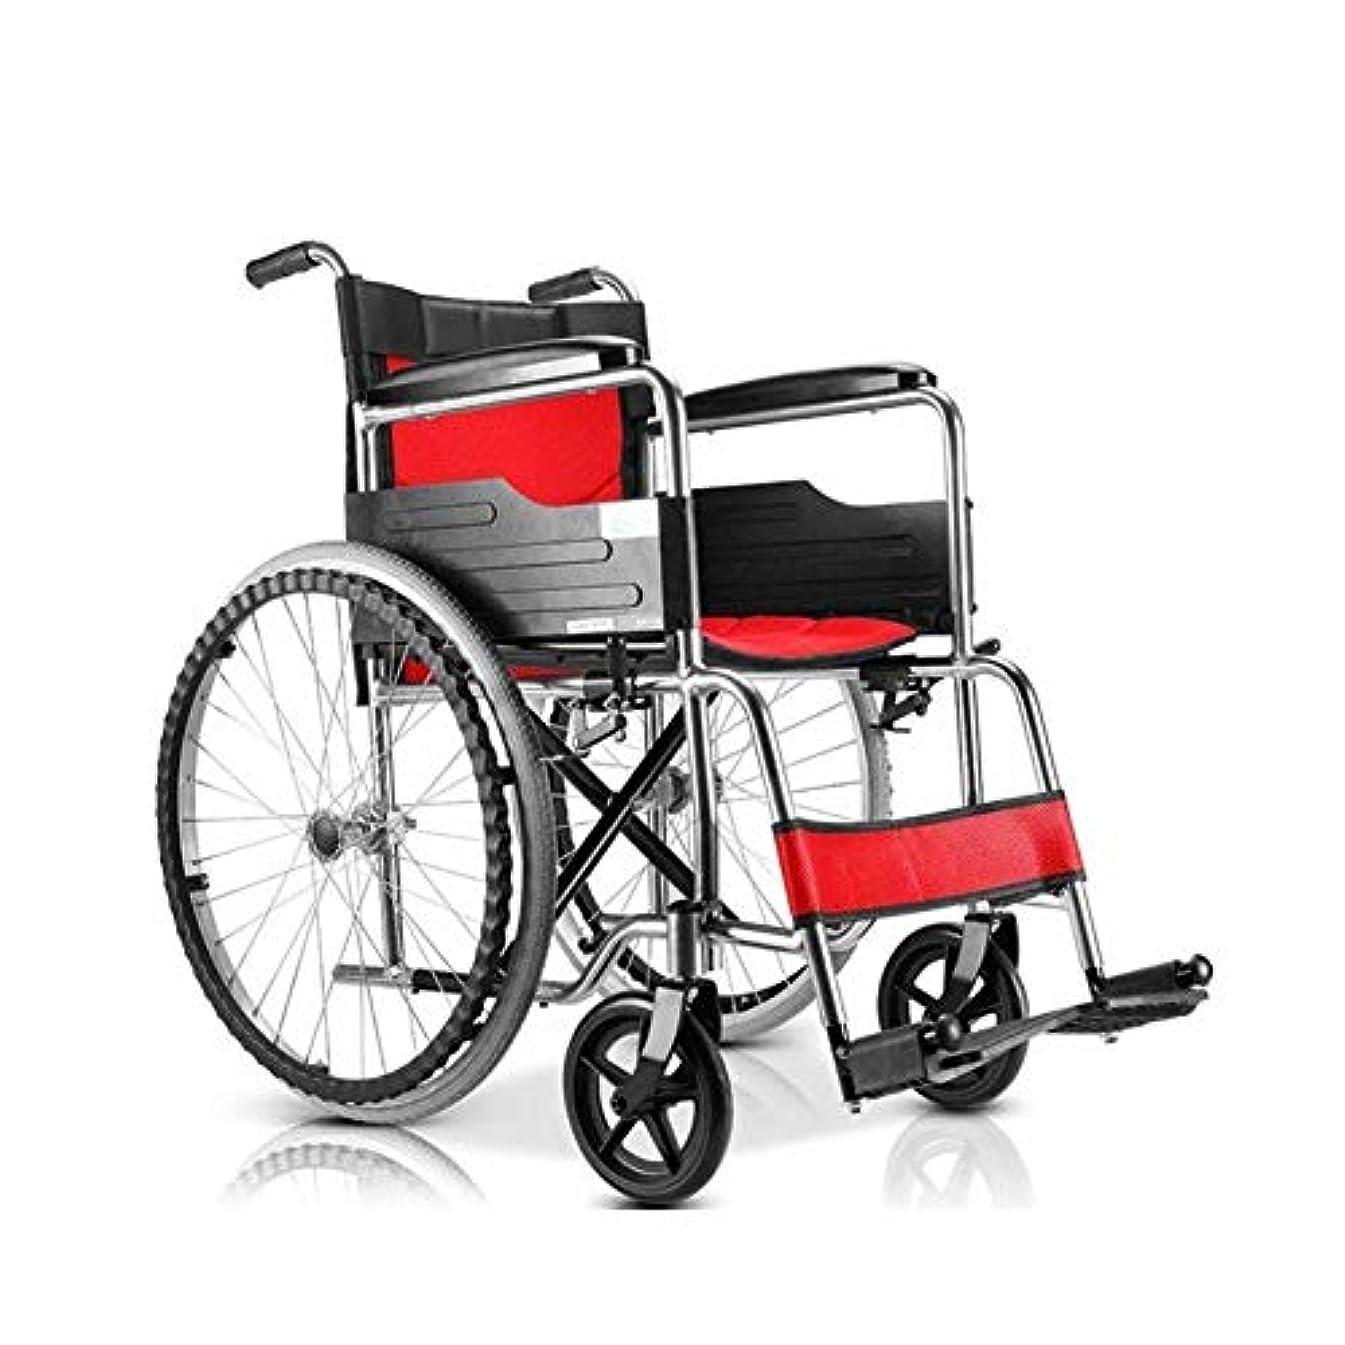 永久にオッズどっちでも自走式車椅子、高齢者、身体障害者、身体障害者向けの軽量モビリティデバイス、ポータブル車椅子